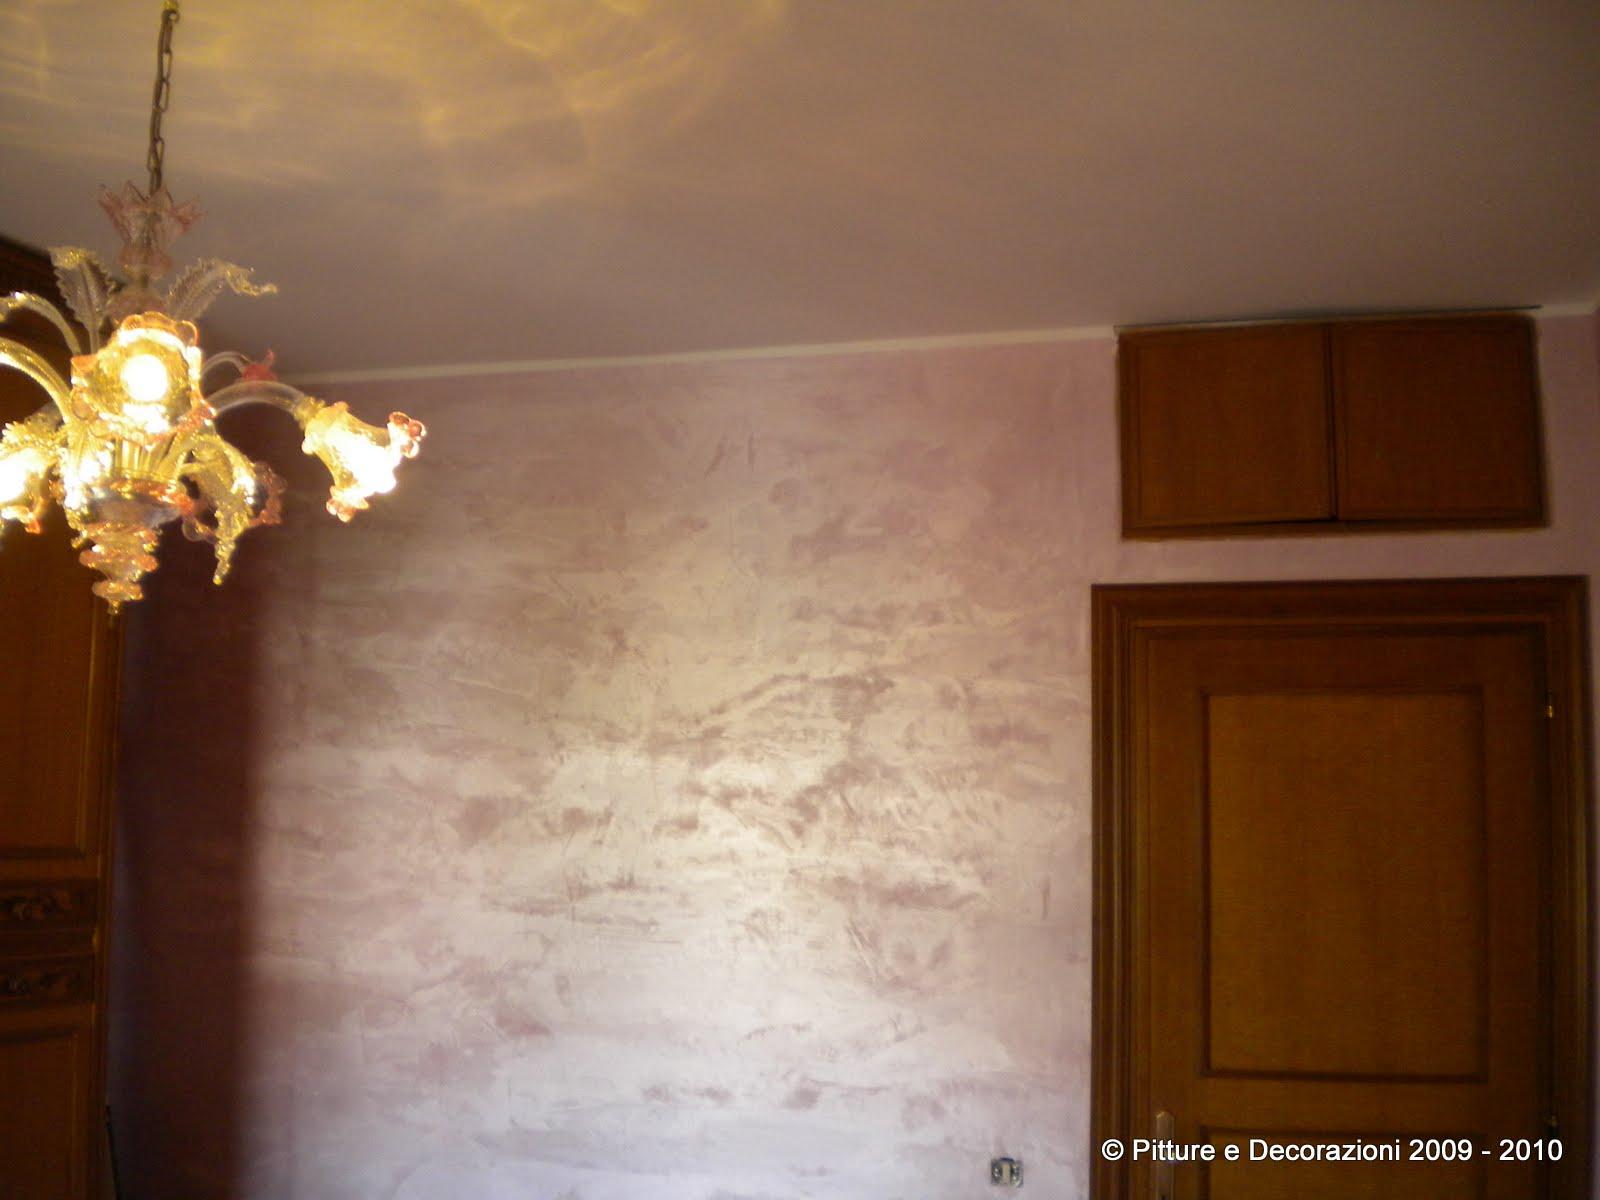 Pitture decorazioni decorazione con oikos ottocento for Carta da parati in velluto